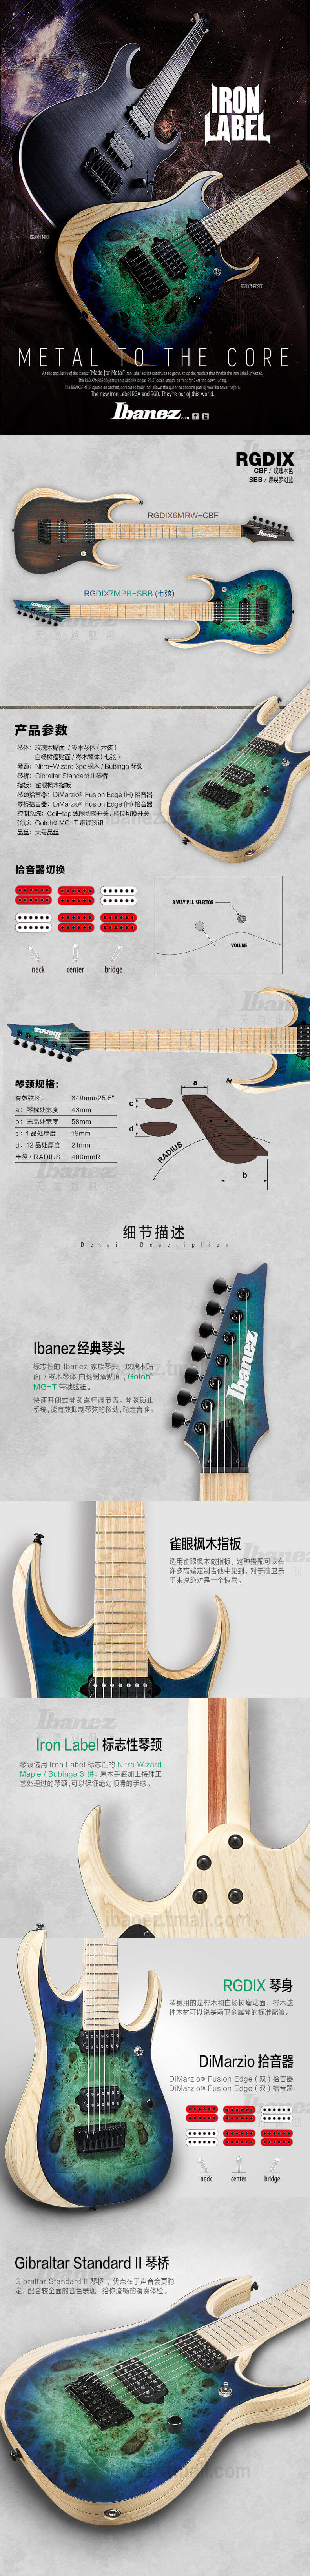 Ibanez官方旗舰店 爱宾斯 依班娜 RGDIX系列电吉他 6弦7弦可选 05